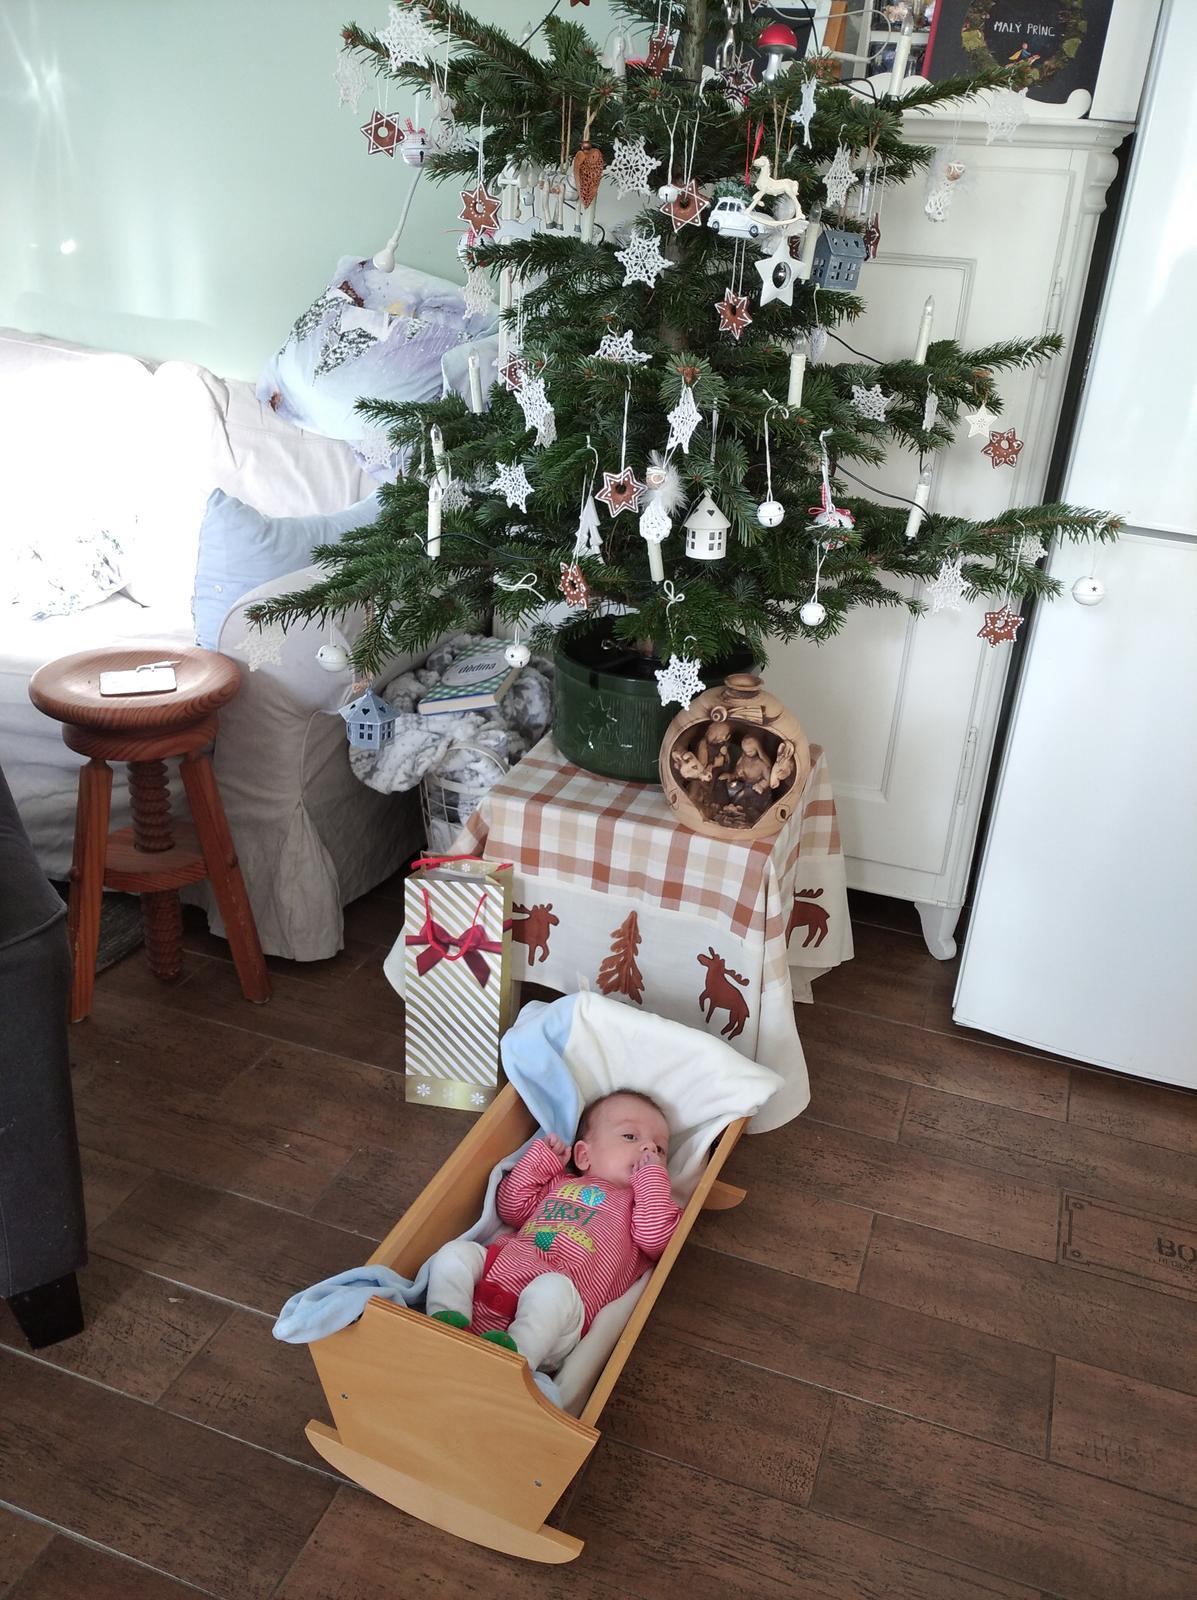 Stromeček s vlastním Jezulátkem... - Obrázek č. 1